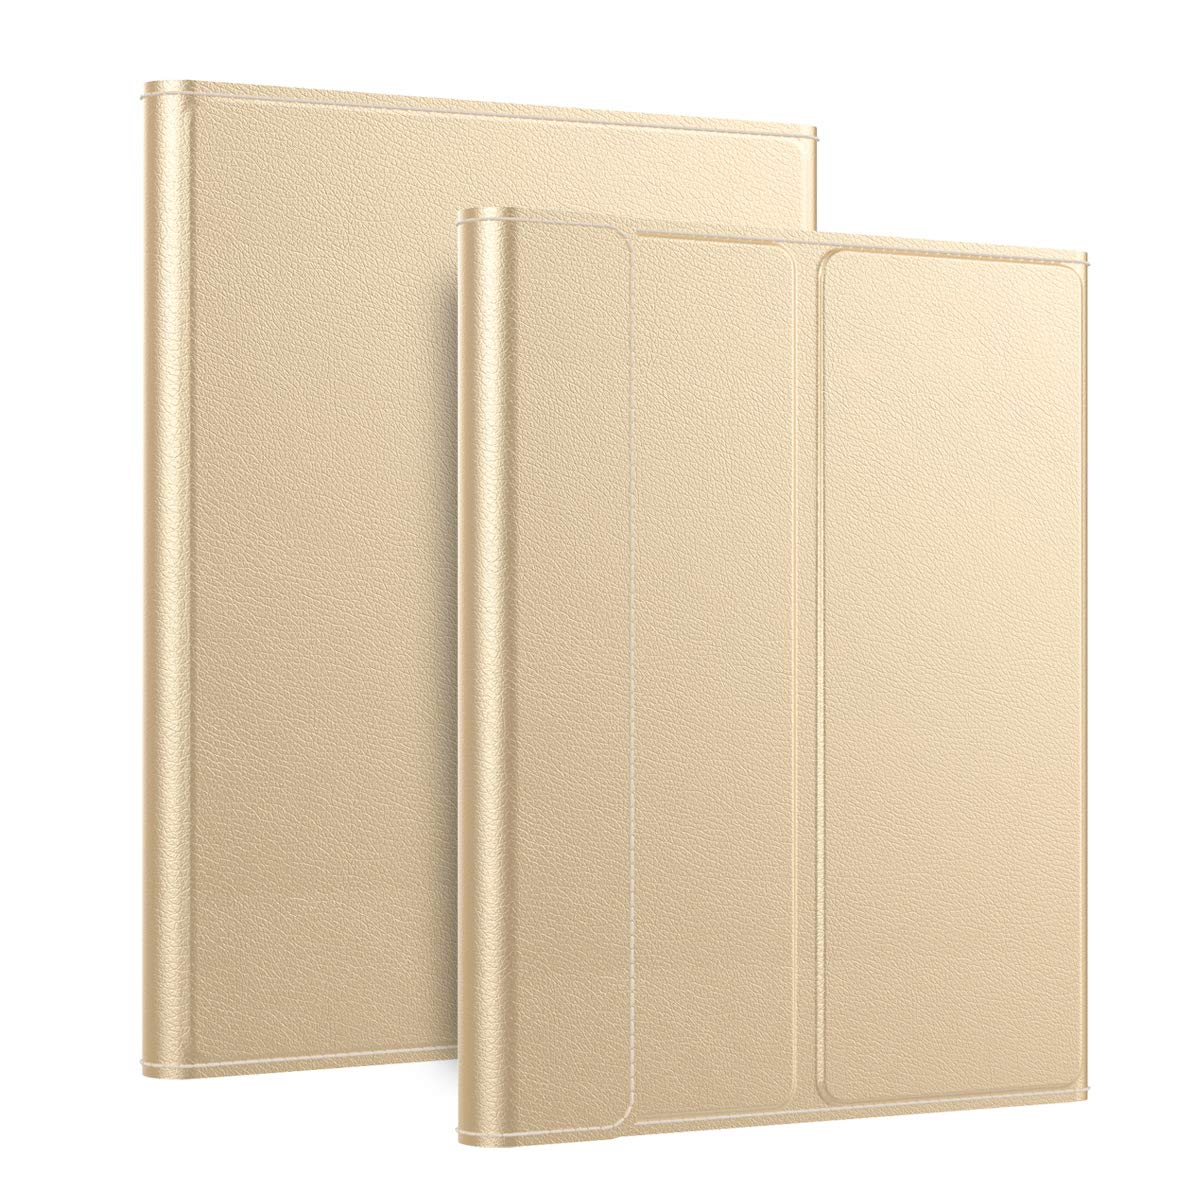 【返品不可】 TOTOOSE ゴールド スキン保護 iPad Pro 11インチ 2018ケース スキン保護 プレミアムPUレザーカードスロット, Pro TOFZ-US-491 ゴールド B07L4B45K7, 最高の品質:4596ef1c --- a0267596.xsph.ru